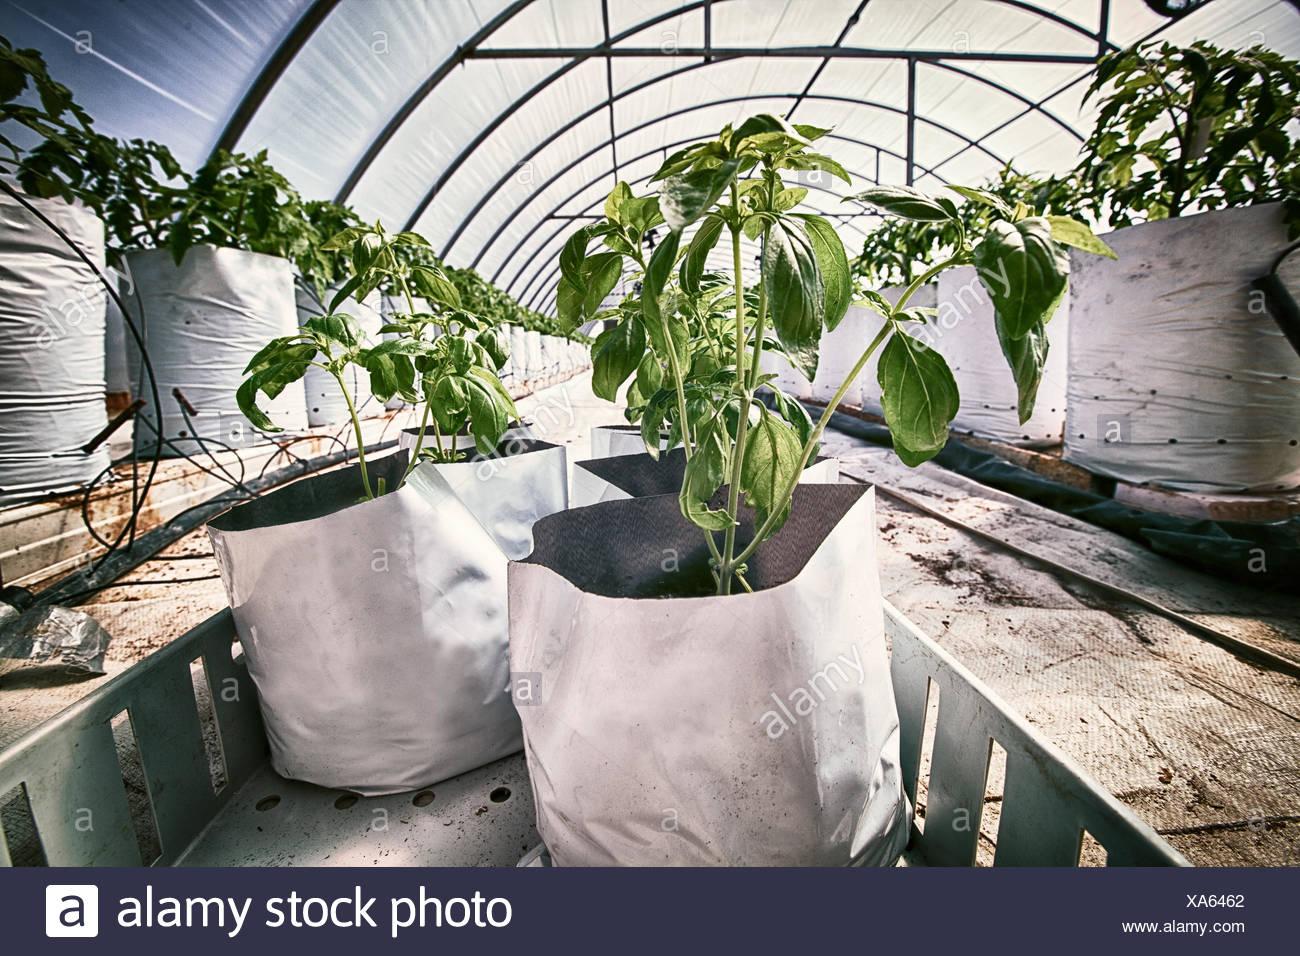 Las plantas de tomate en bolsas de crecimiento dentro del túnel de poli Imagen De Stock